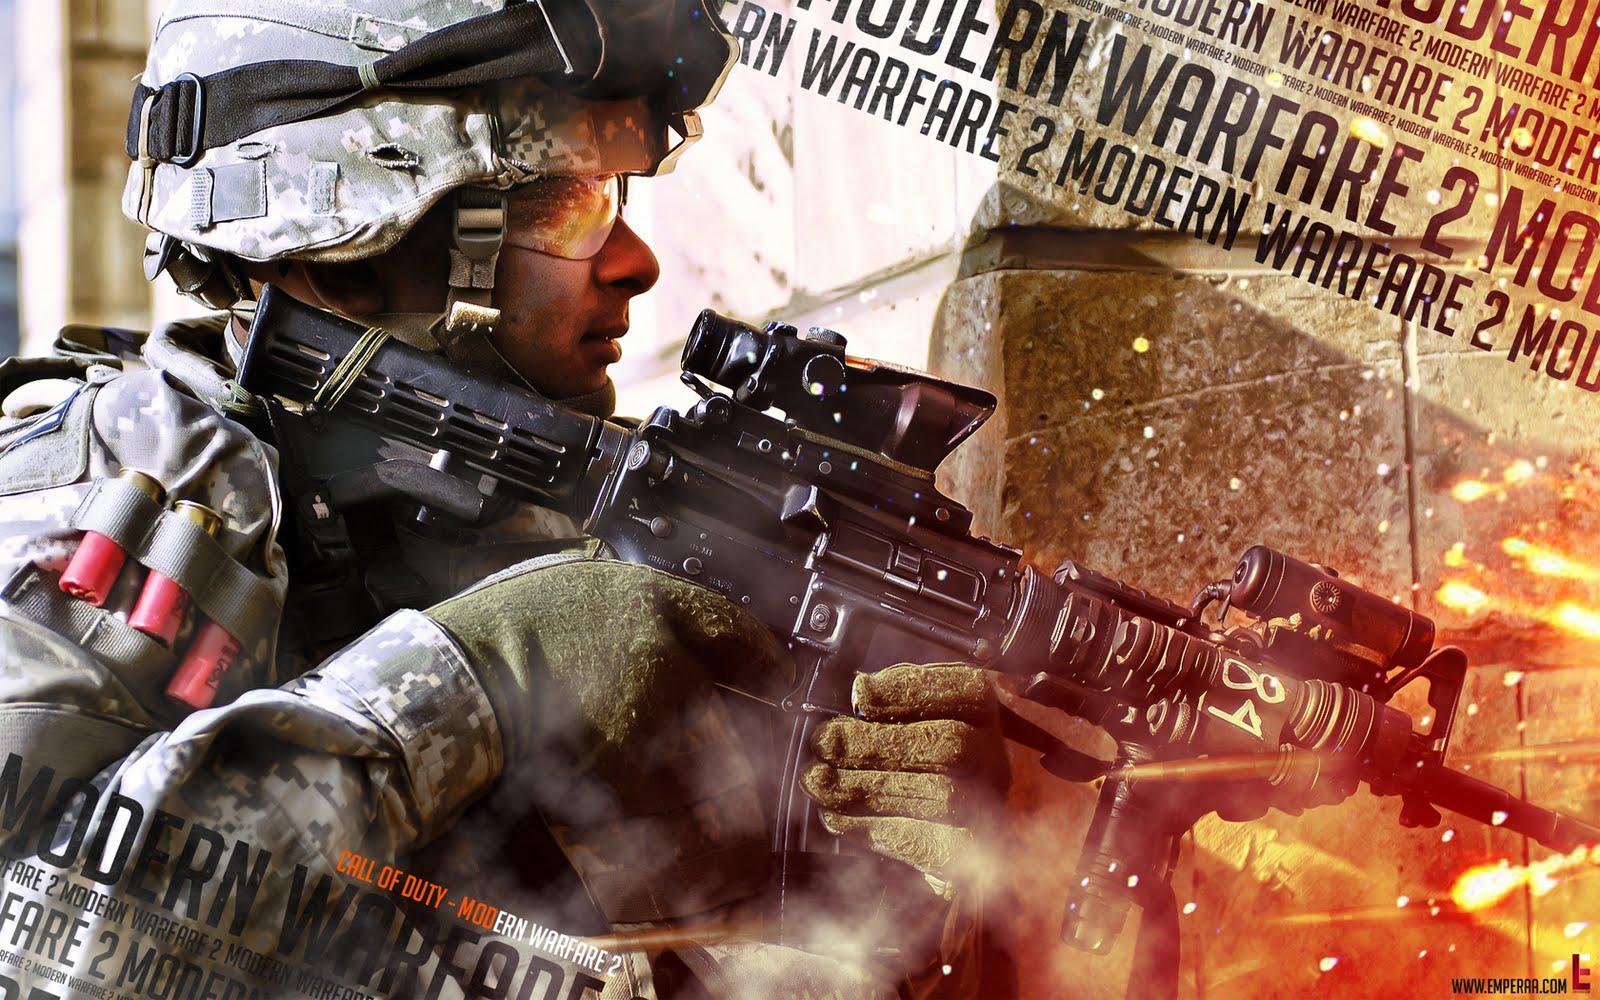 http://3.bp.blogspot.com/_2UbsSBz9ckE/SvI1hWo9YPI/AAAAAAAAAUk/PqzkrvloIkk/s1600/Call+Of+Duty+-+Modern+Warfare+2+-+1680x1050.jpg